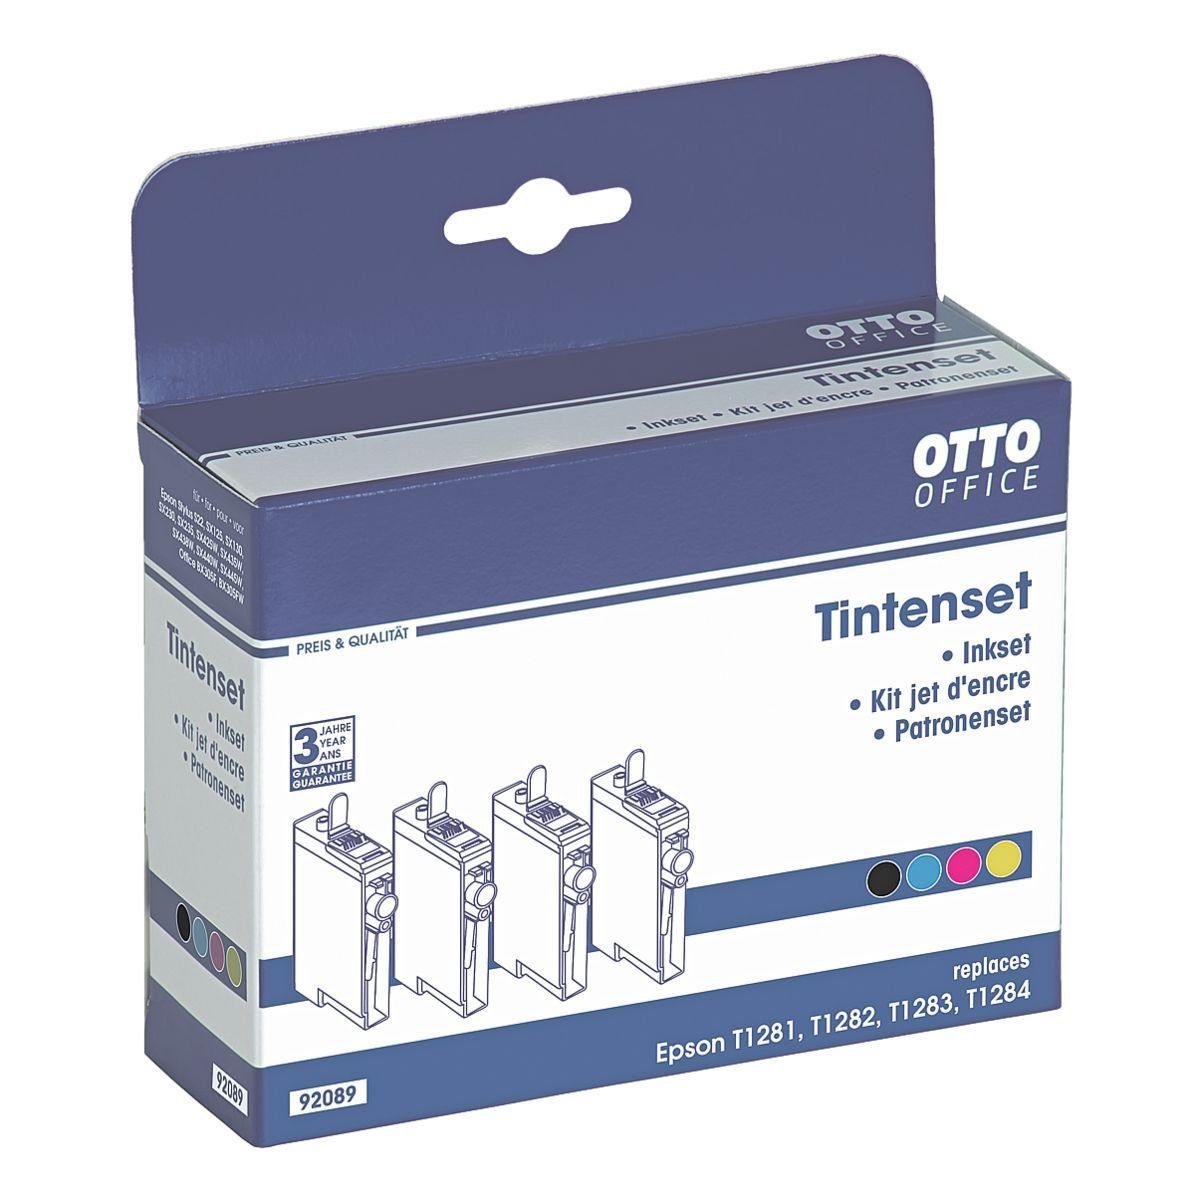 OTTO Office Tintenpatronen-Set ersetzt Epson »T1285«